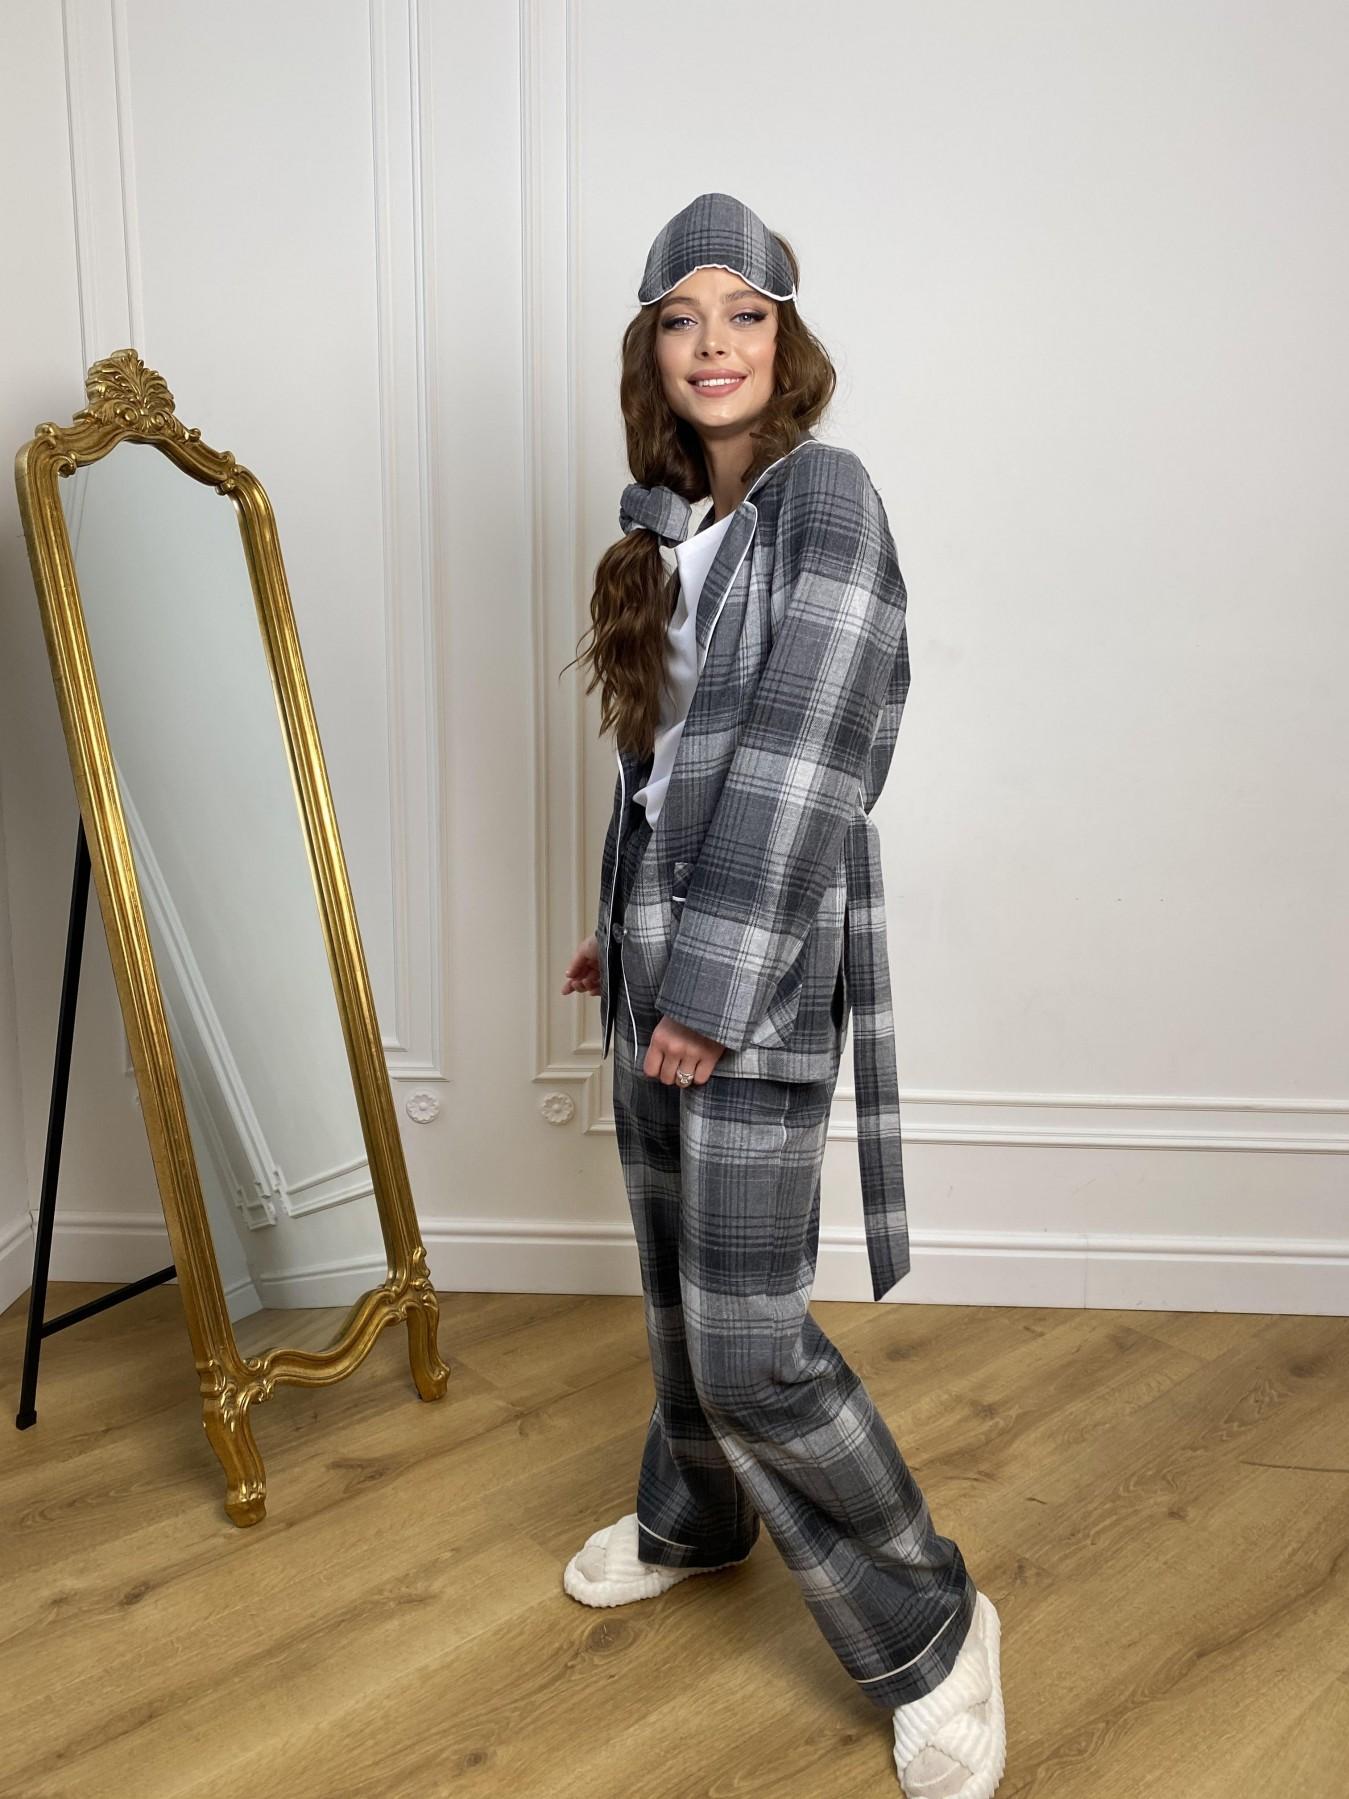 Тедди пижама в клетку из коттона(жакет,футболка,брюки,маска,резинка) 10384 АРТ. 46910 Цвет: Т.серый/серый - фото 7, интернет магазин tm-modus.ru